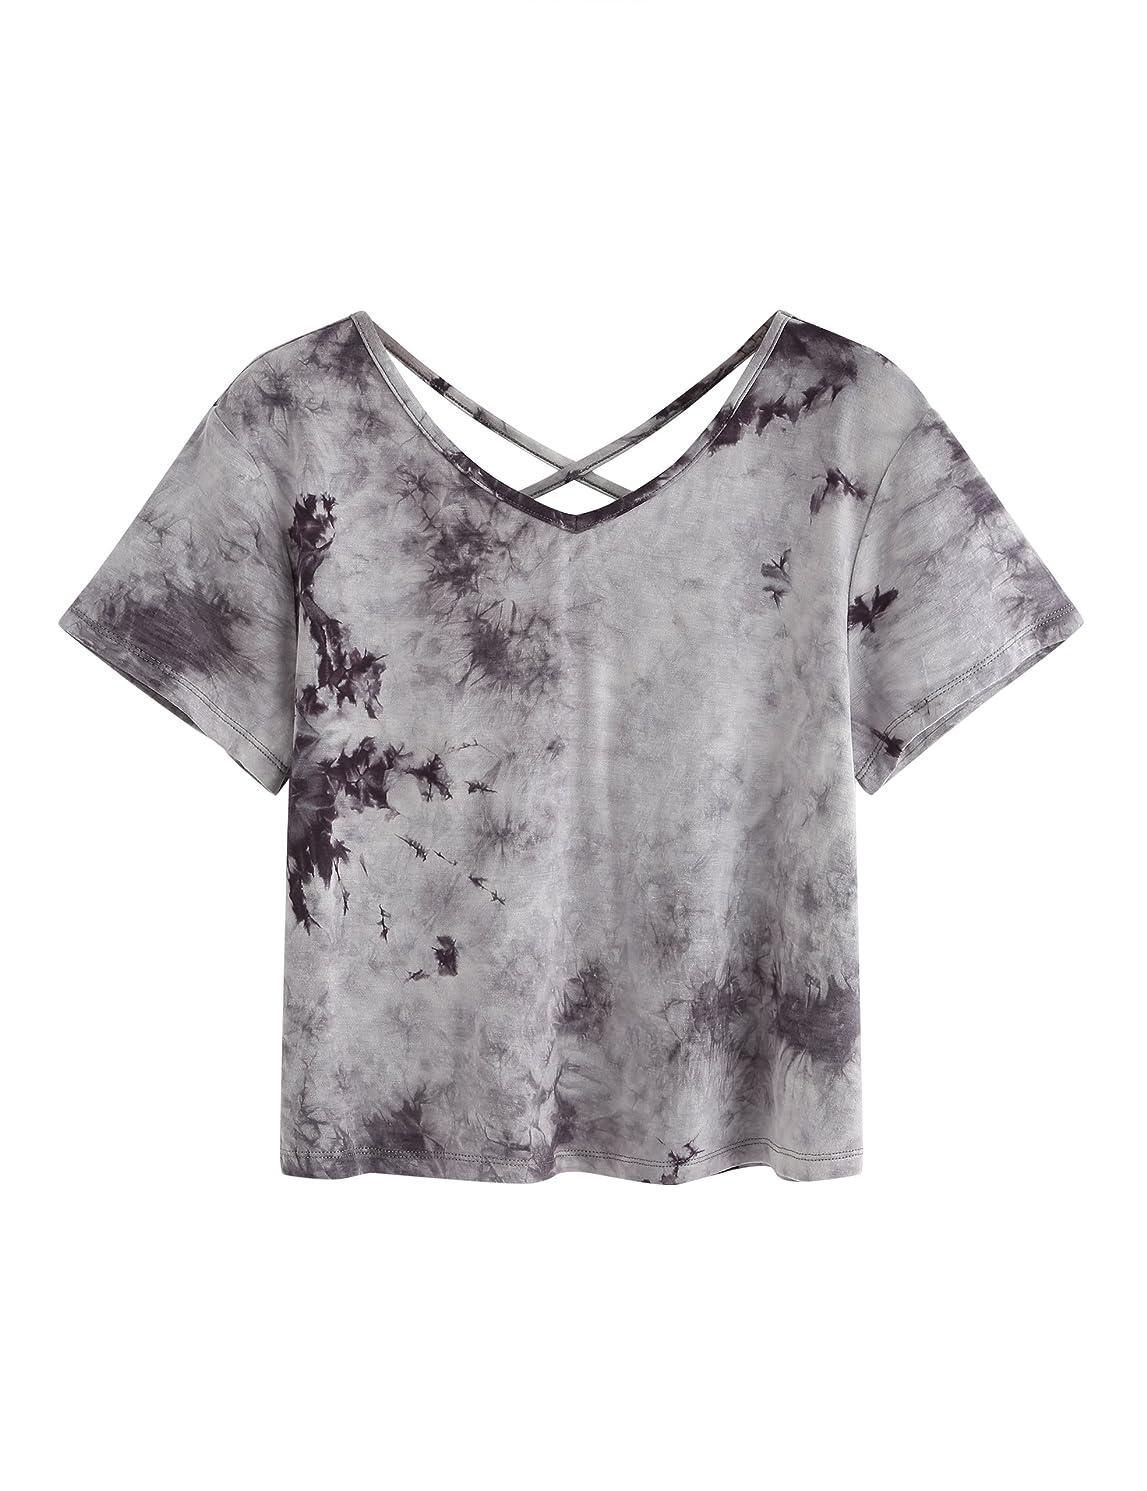 SweatyRocks Women's Tie Dye Criss Cross Back Short Sleeve Crop Summer T Shirt